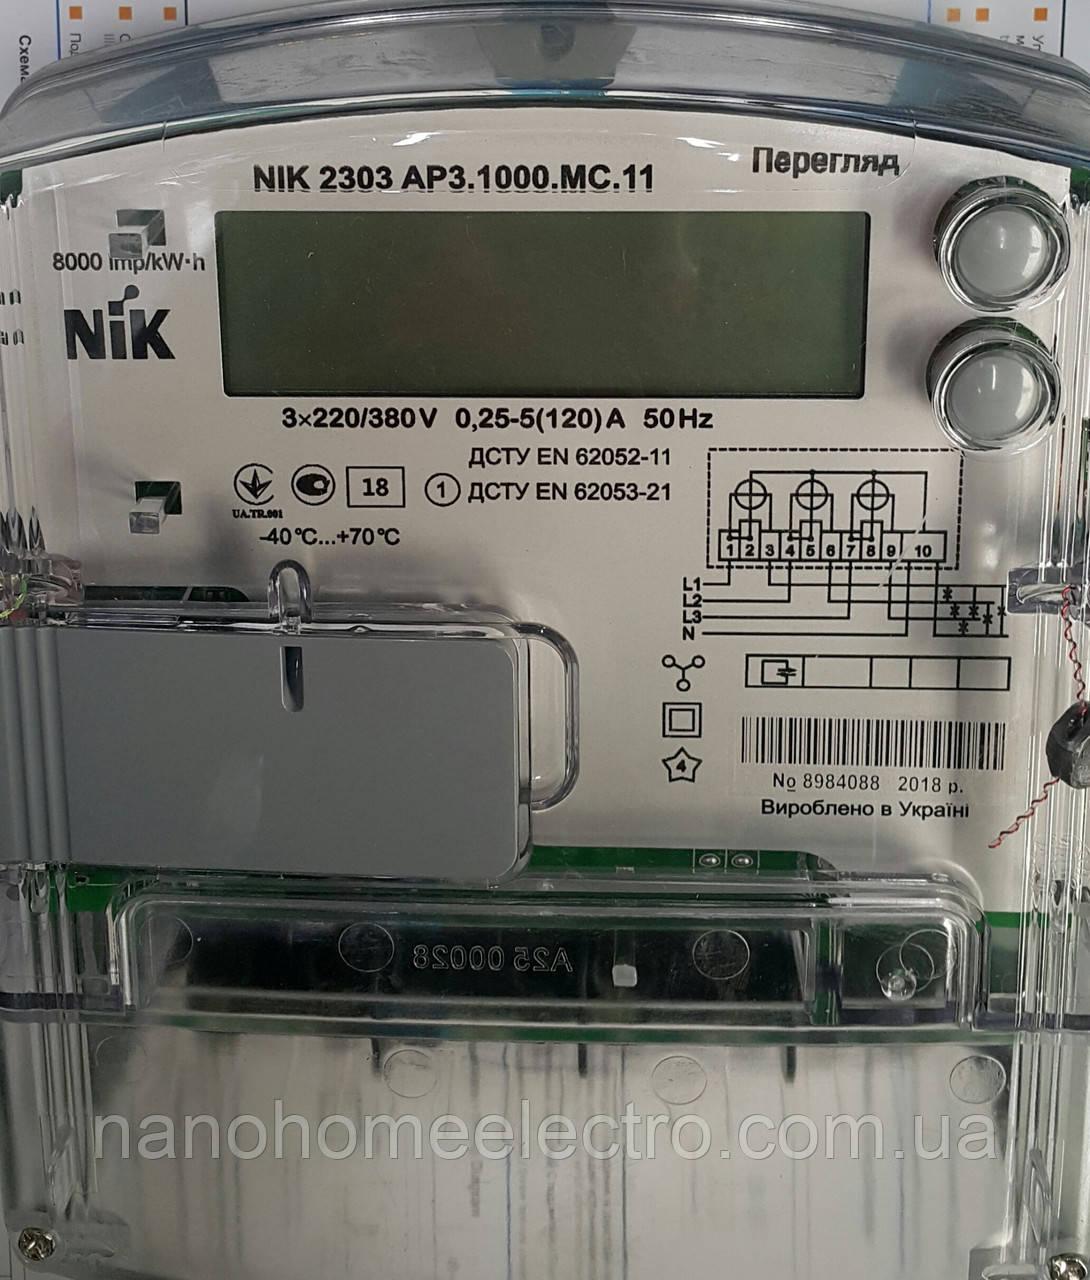 Трехфазный счетчик NIK 2303 AP3.1000.MC.11